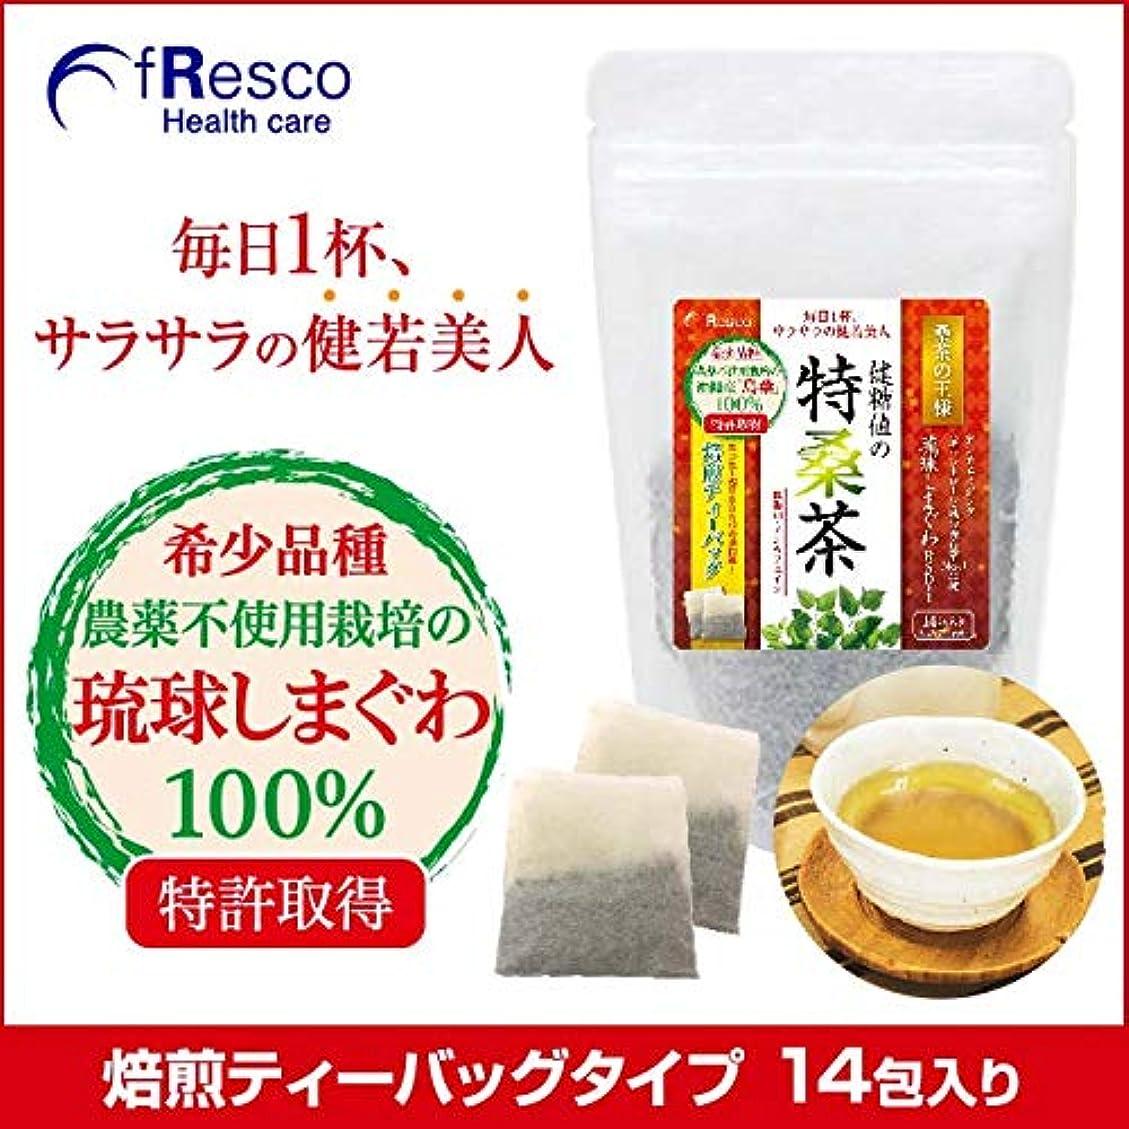 ケイ素プログレッシブずるい桑茶の王様 琉球しまぐわ 健糖値の特桑茶 焙煎ティーバック